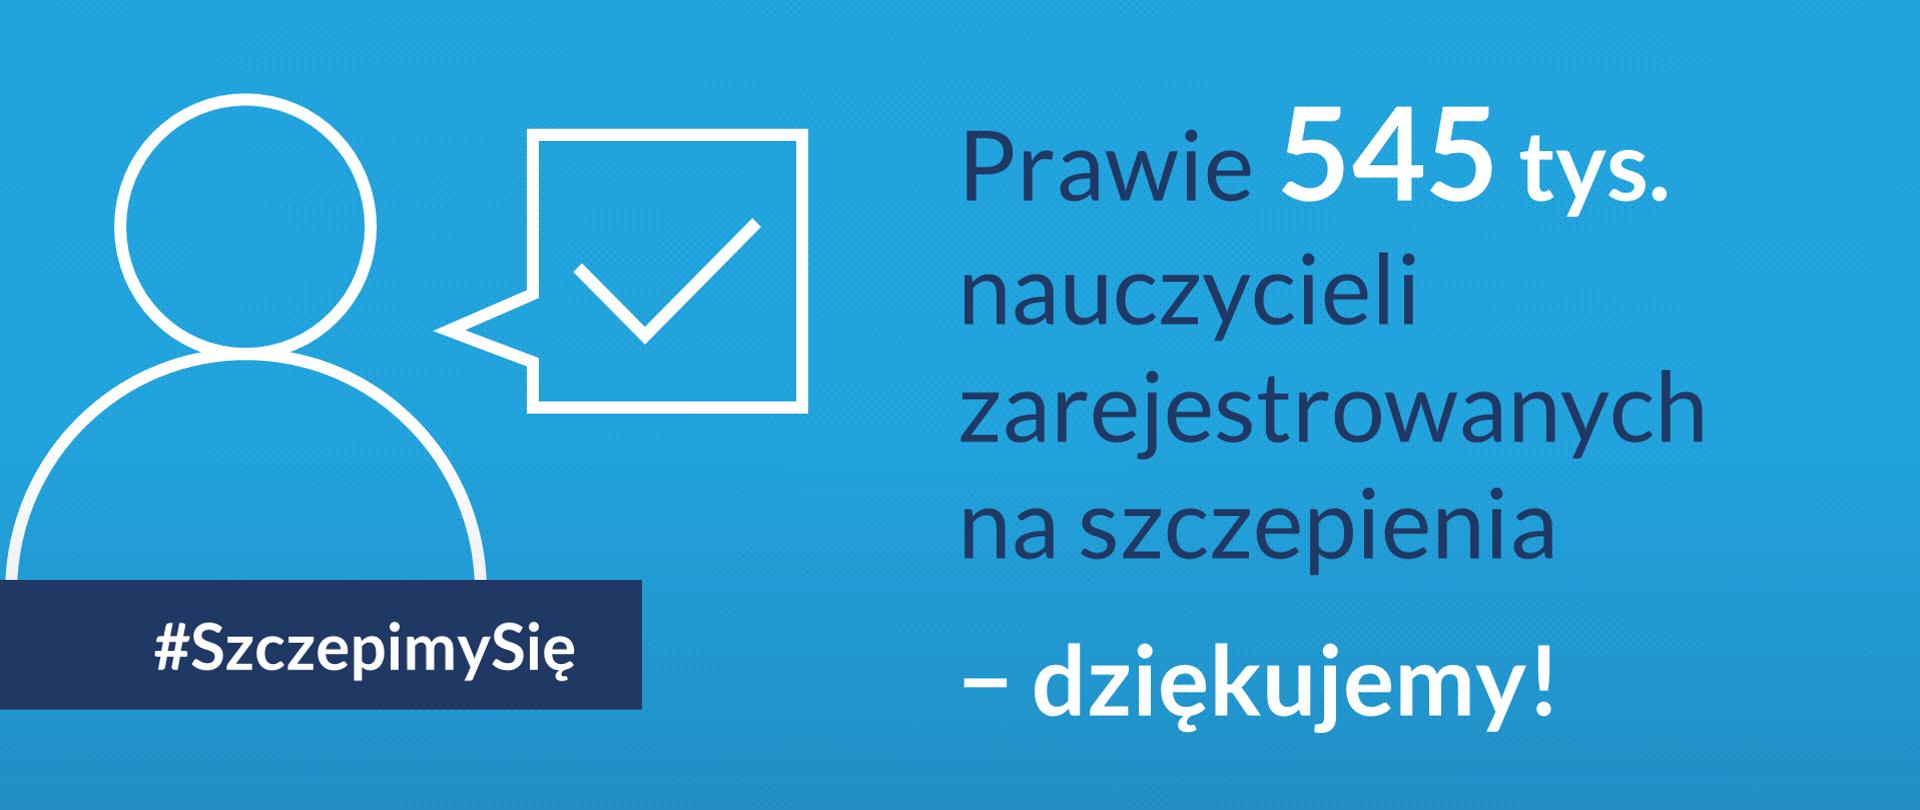 """Grafika z tekstem """"Prawie 545 tys. nauczycieli zarejestrowanych na szczepienia − dziękujemy!"""""""